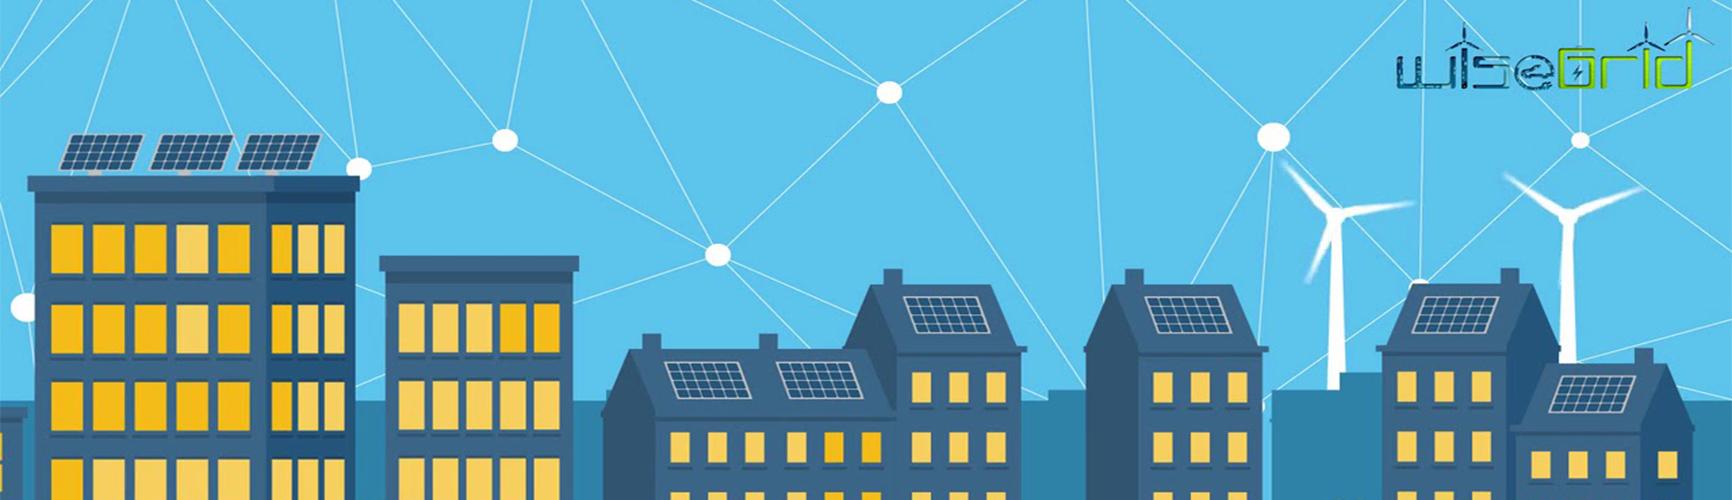 Enercoop solicita la participación de los cooperativistas para el proyecto Wisegrid